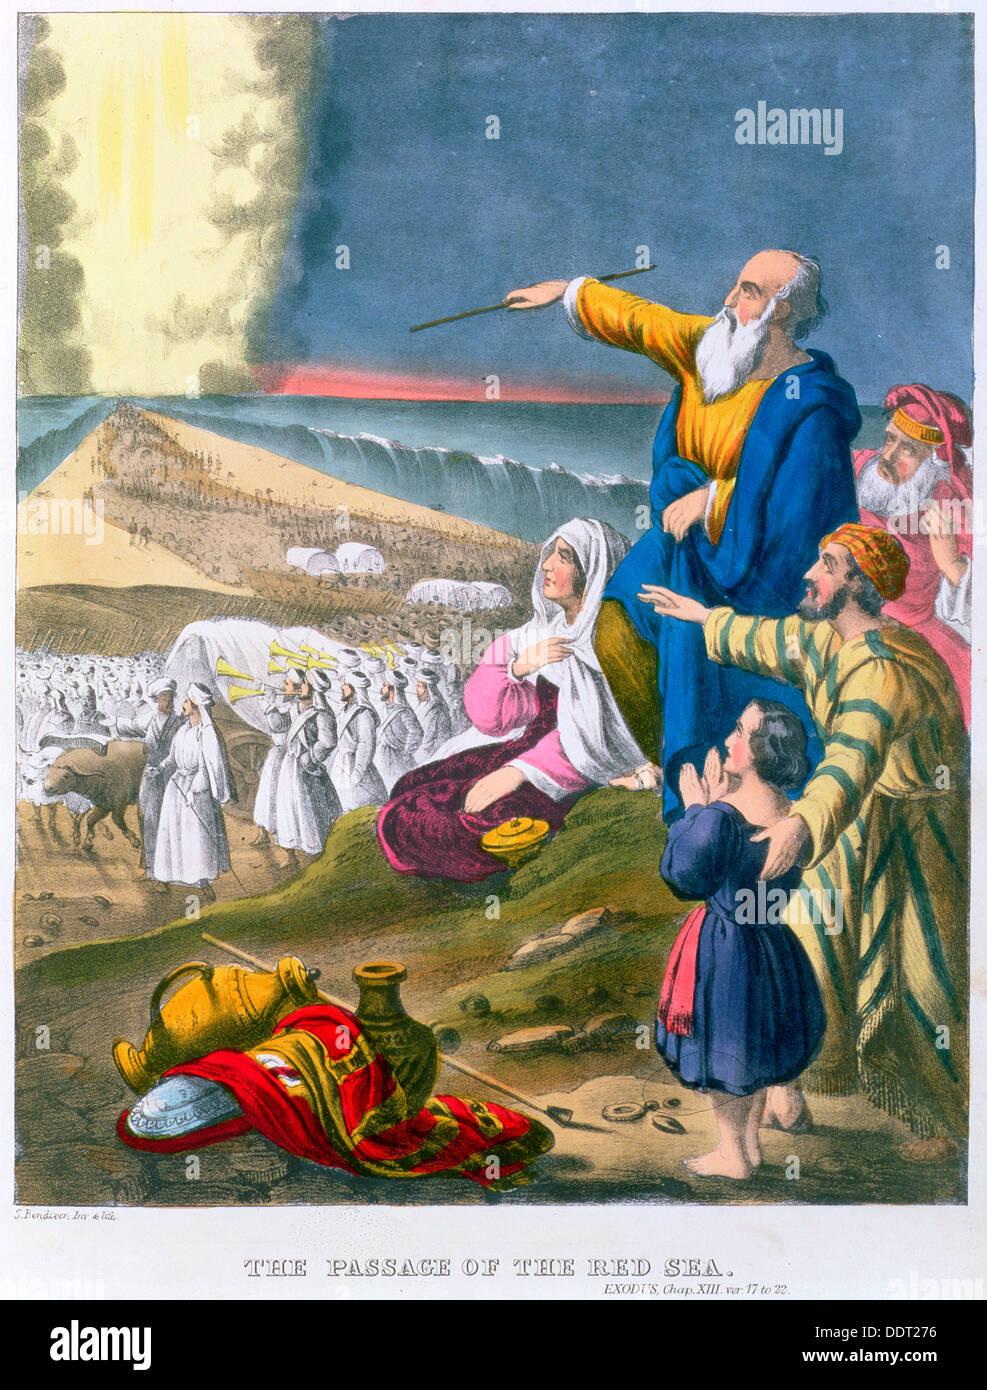 Mosè il troncaggio di Mar Rosso, 1870s. Artista: Siegfried Detlev Bendixen Immagini Stock